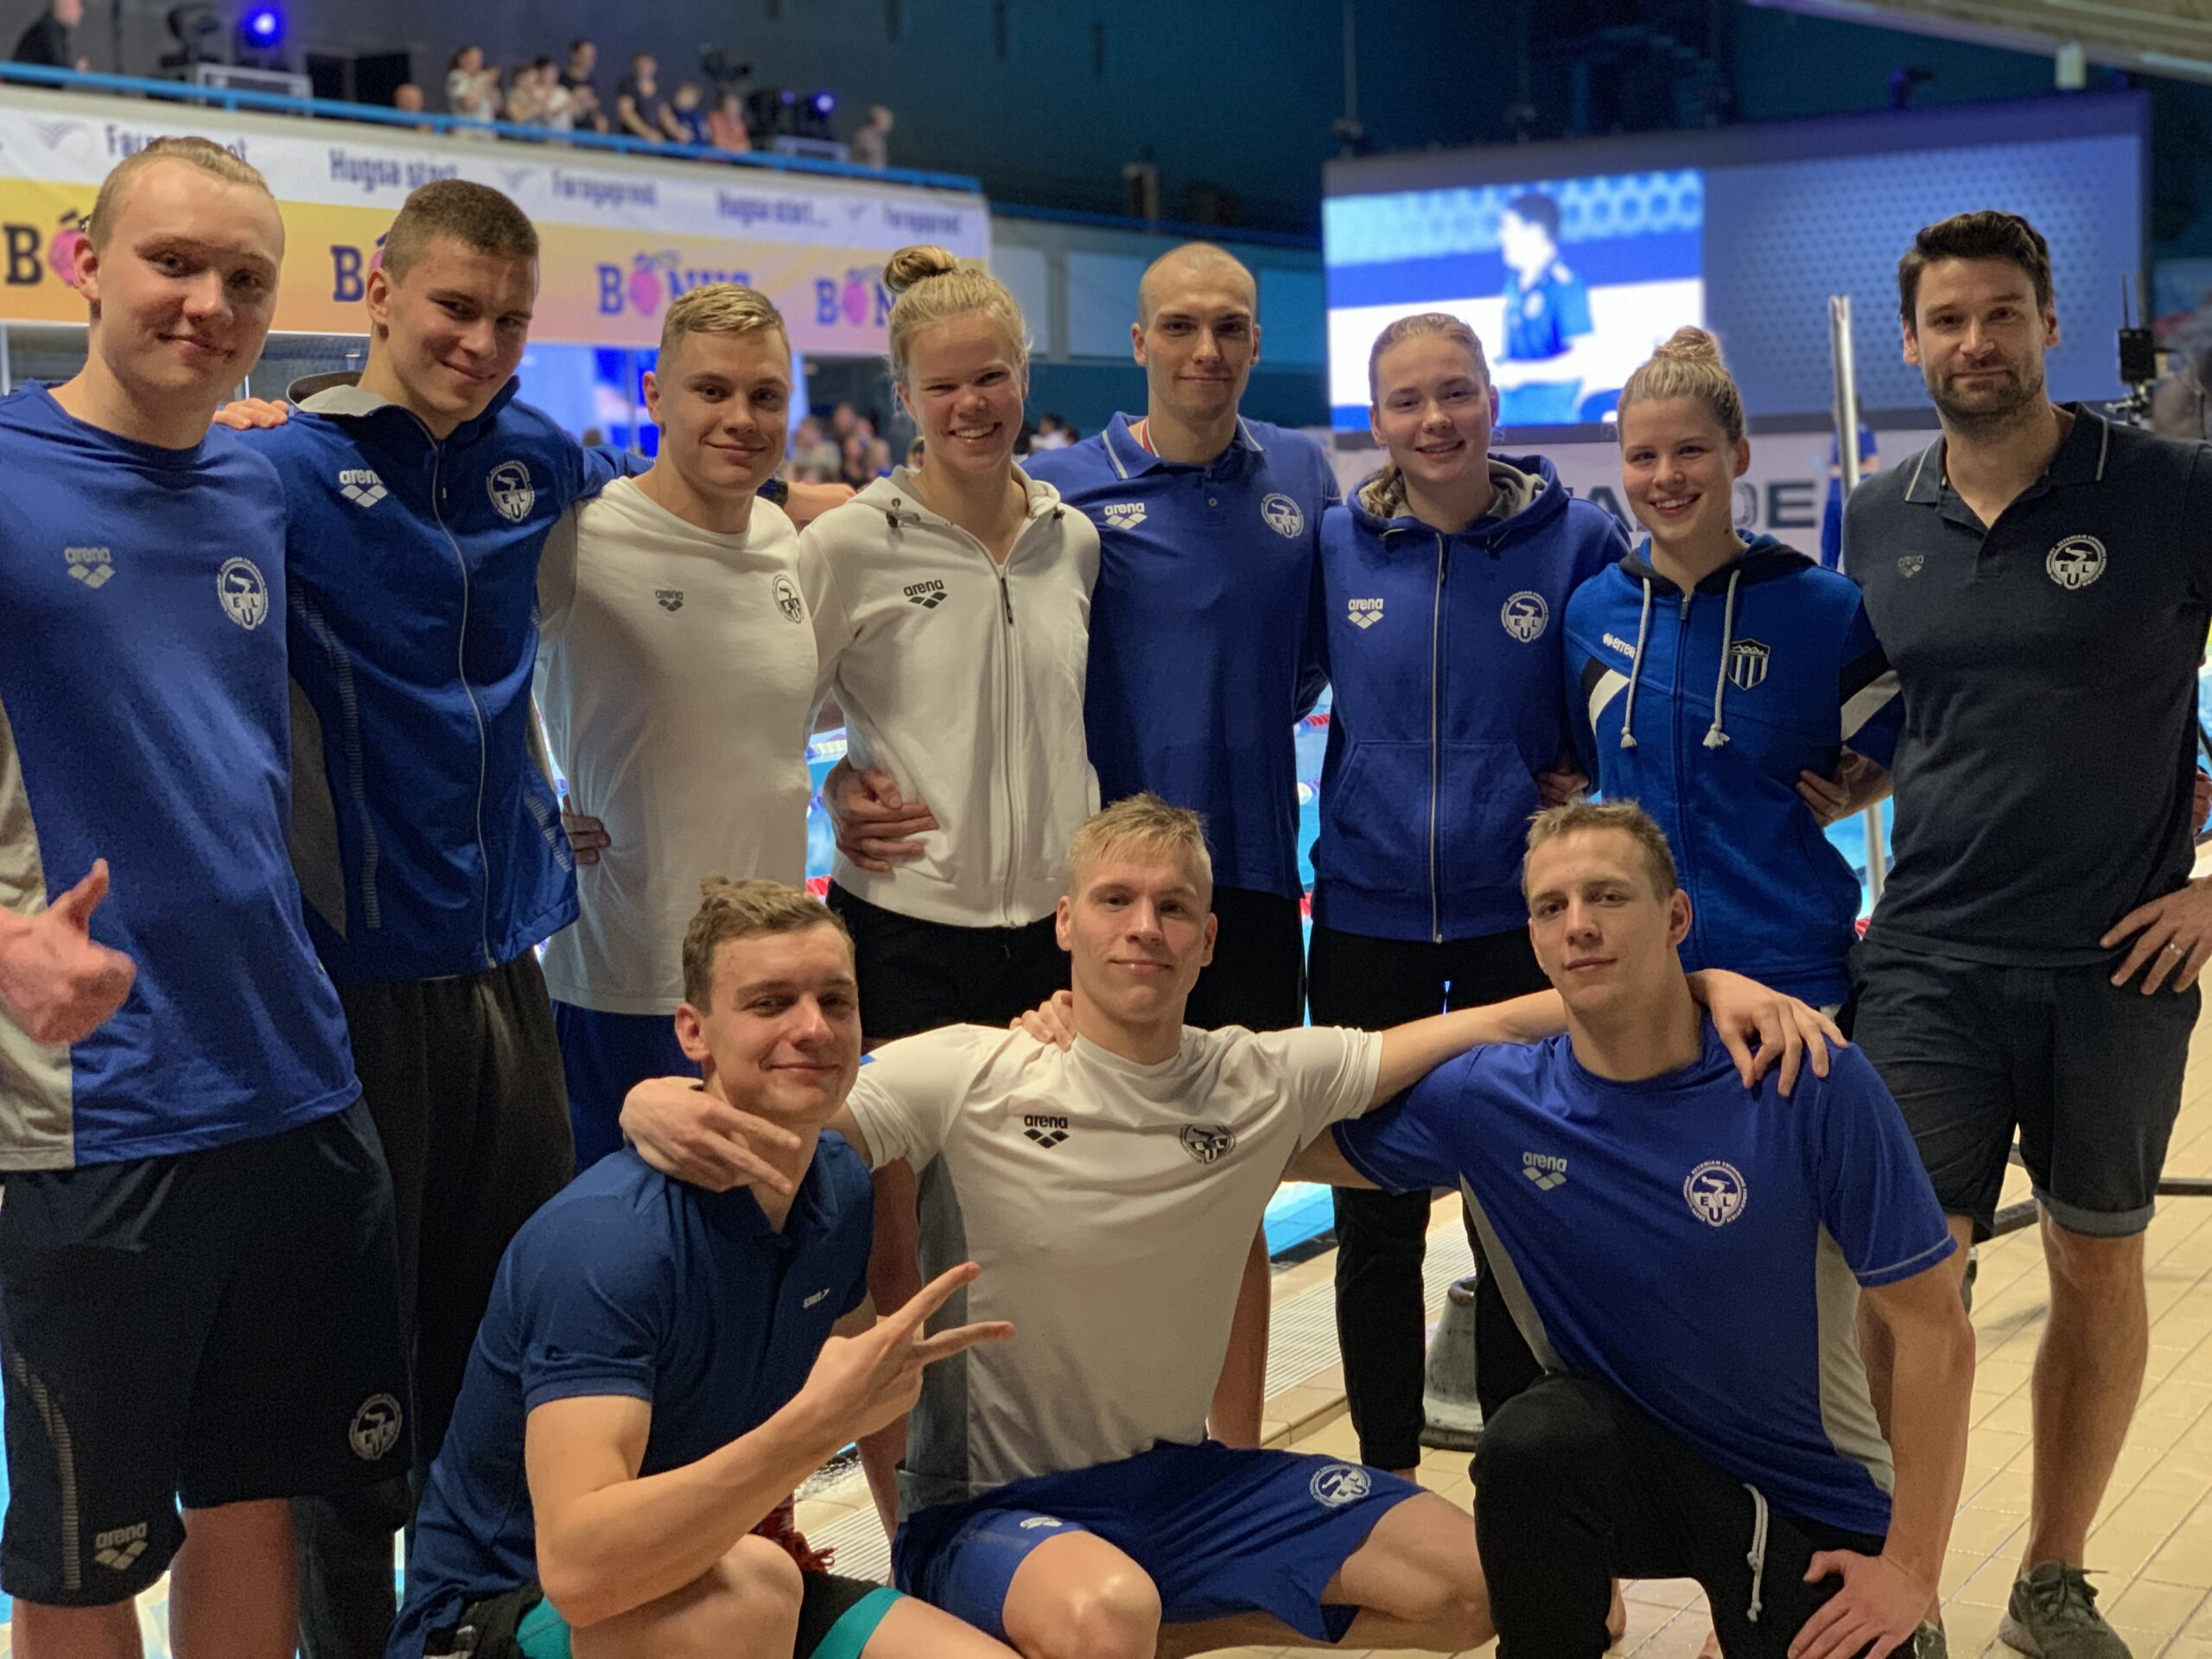 PÕHJAMAADE MEISTRIVÕISTLUSED 2019: Kolm Eesti rekordit ja 17 medalit